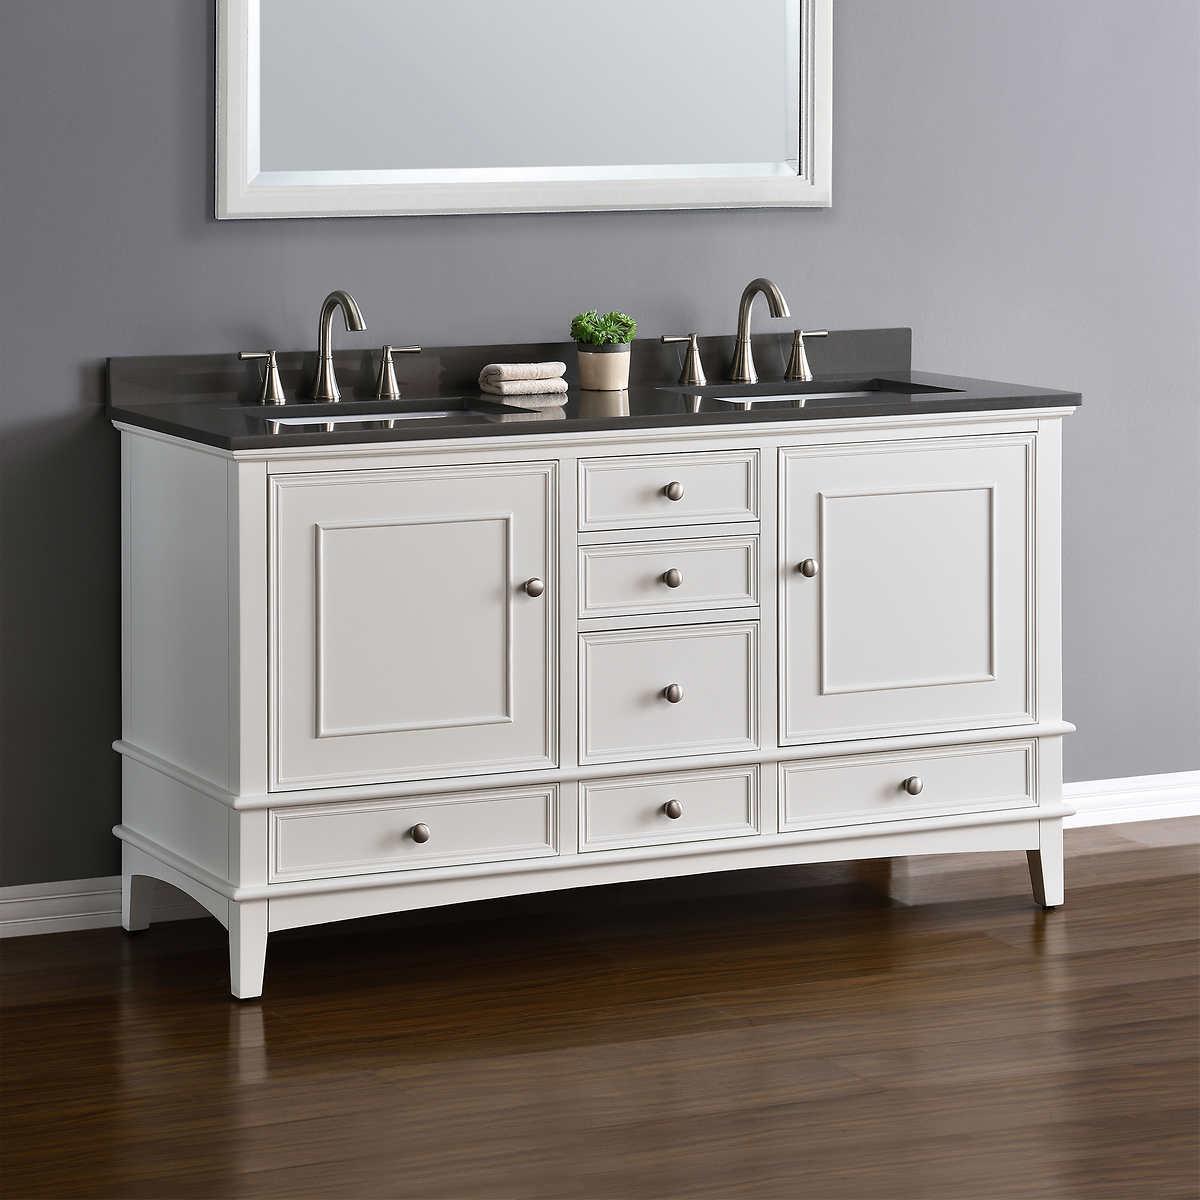 double sink vanities | costco